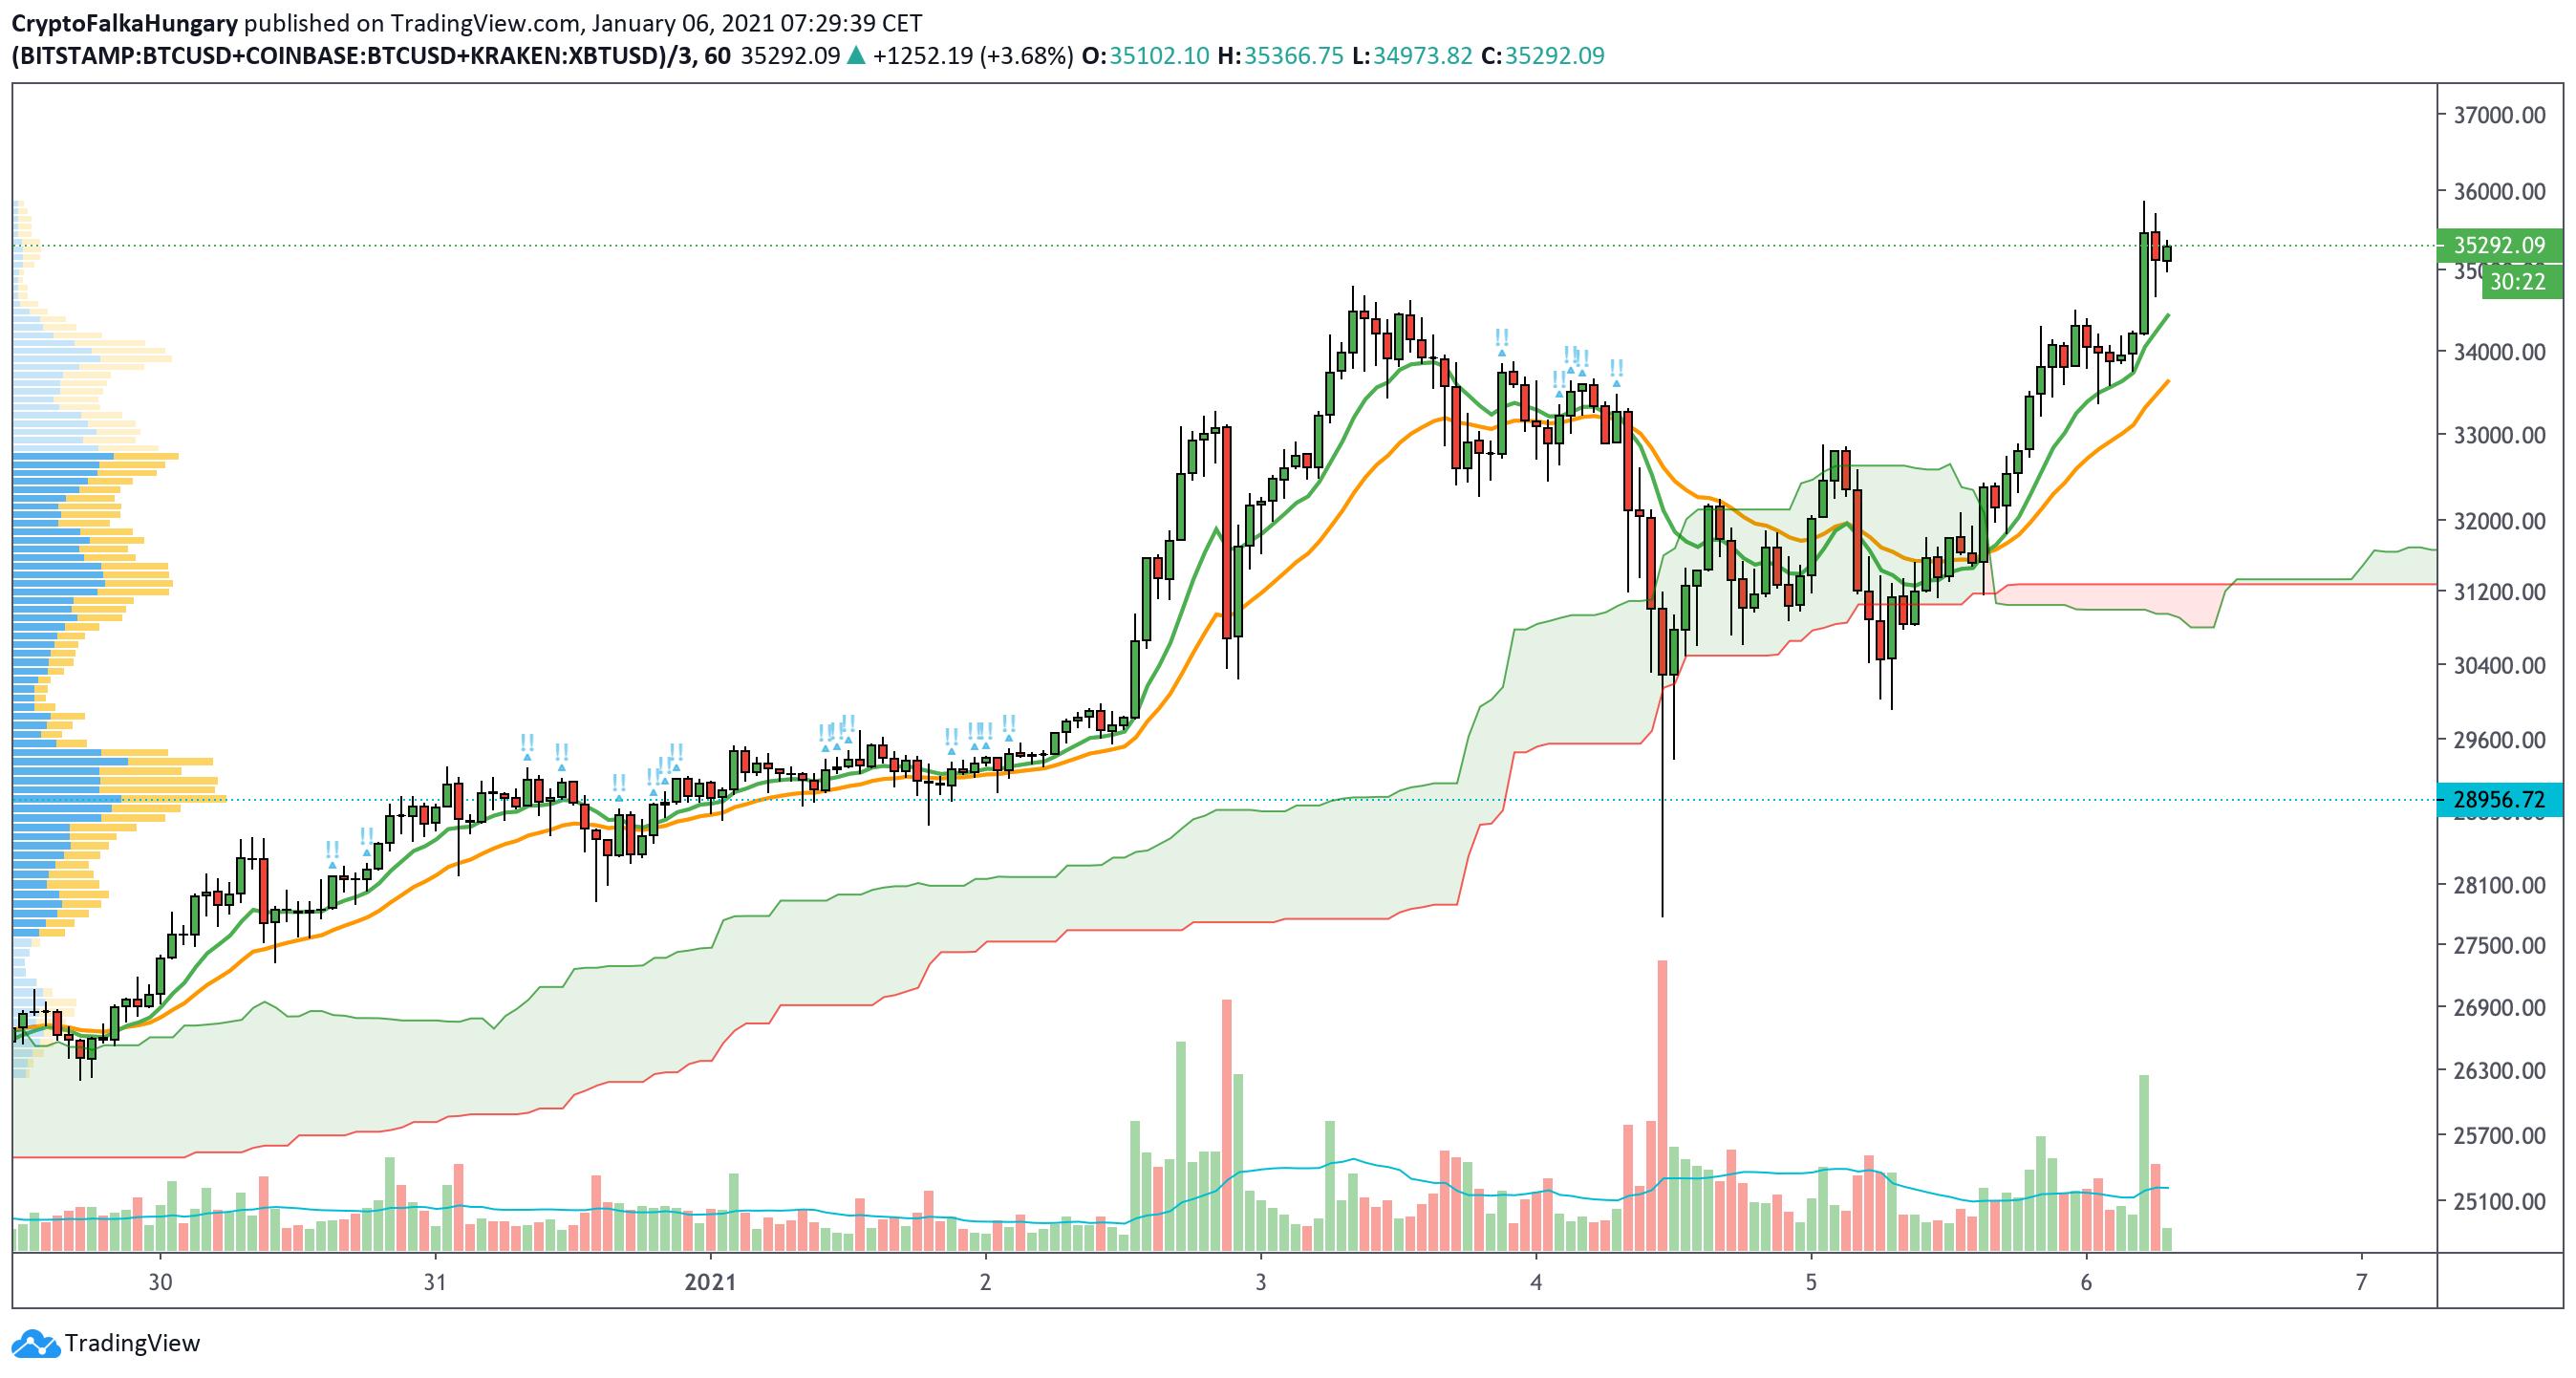 Bitcoin 2021 új árfolyam csúcs I Cryptofalka